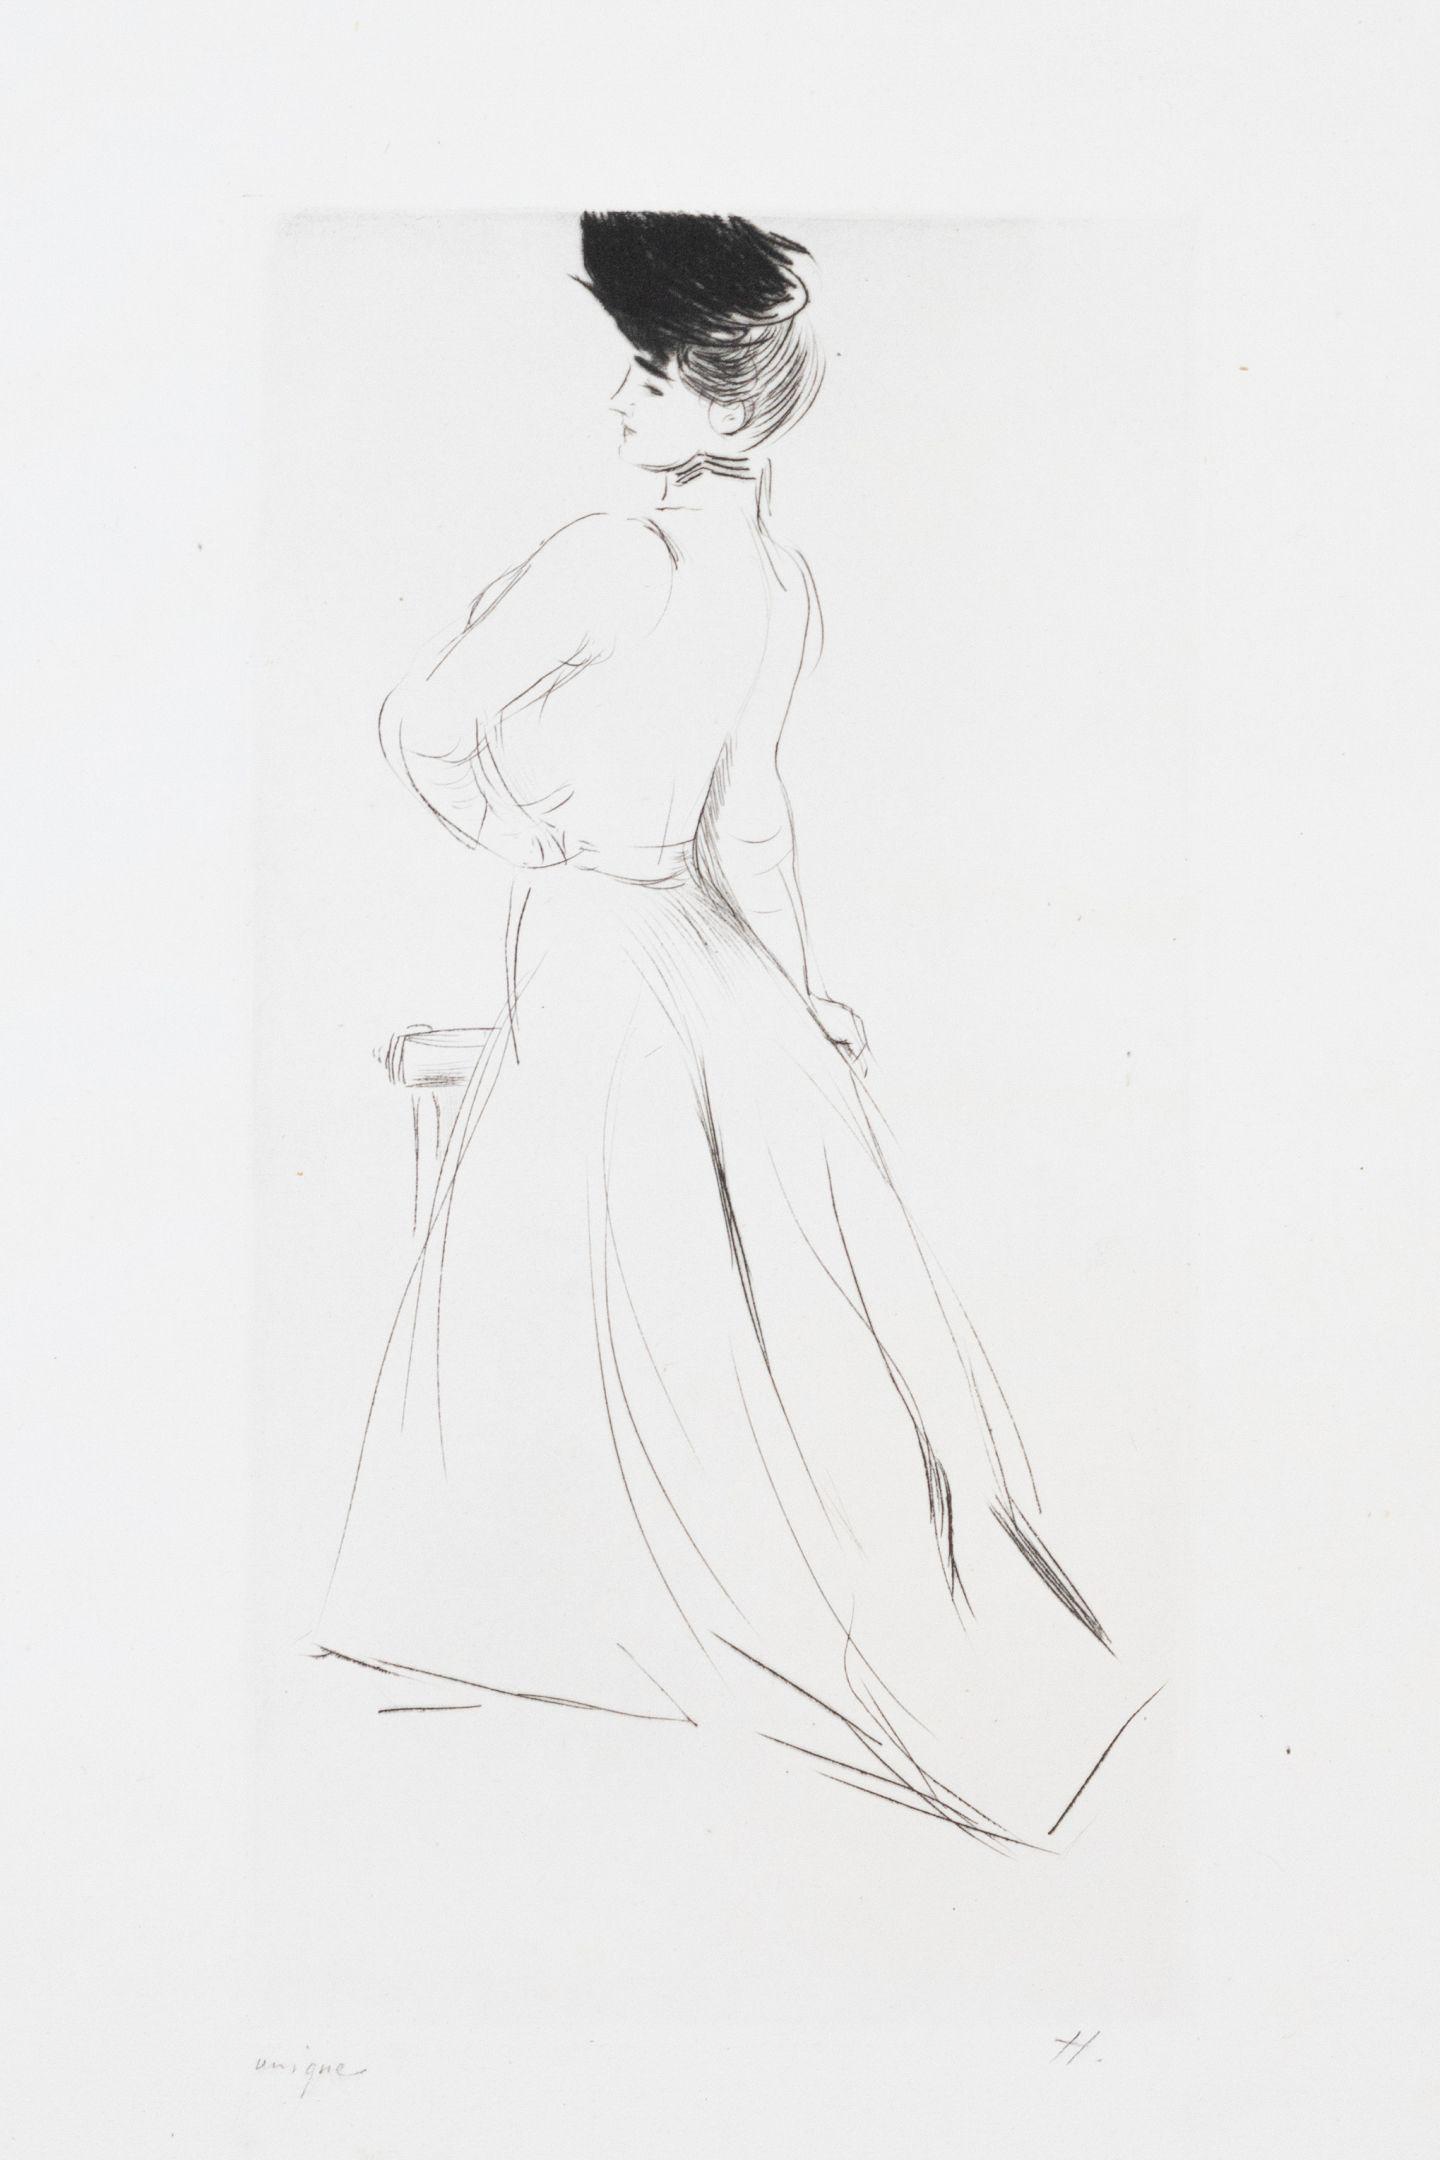 ᐅ Madame Chéruit De Trois Quarts By Paul César Helleu 1900 Print Art Shortlist